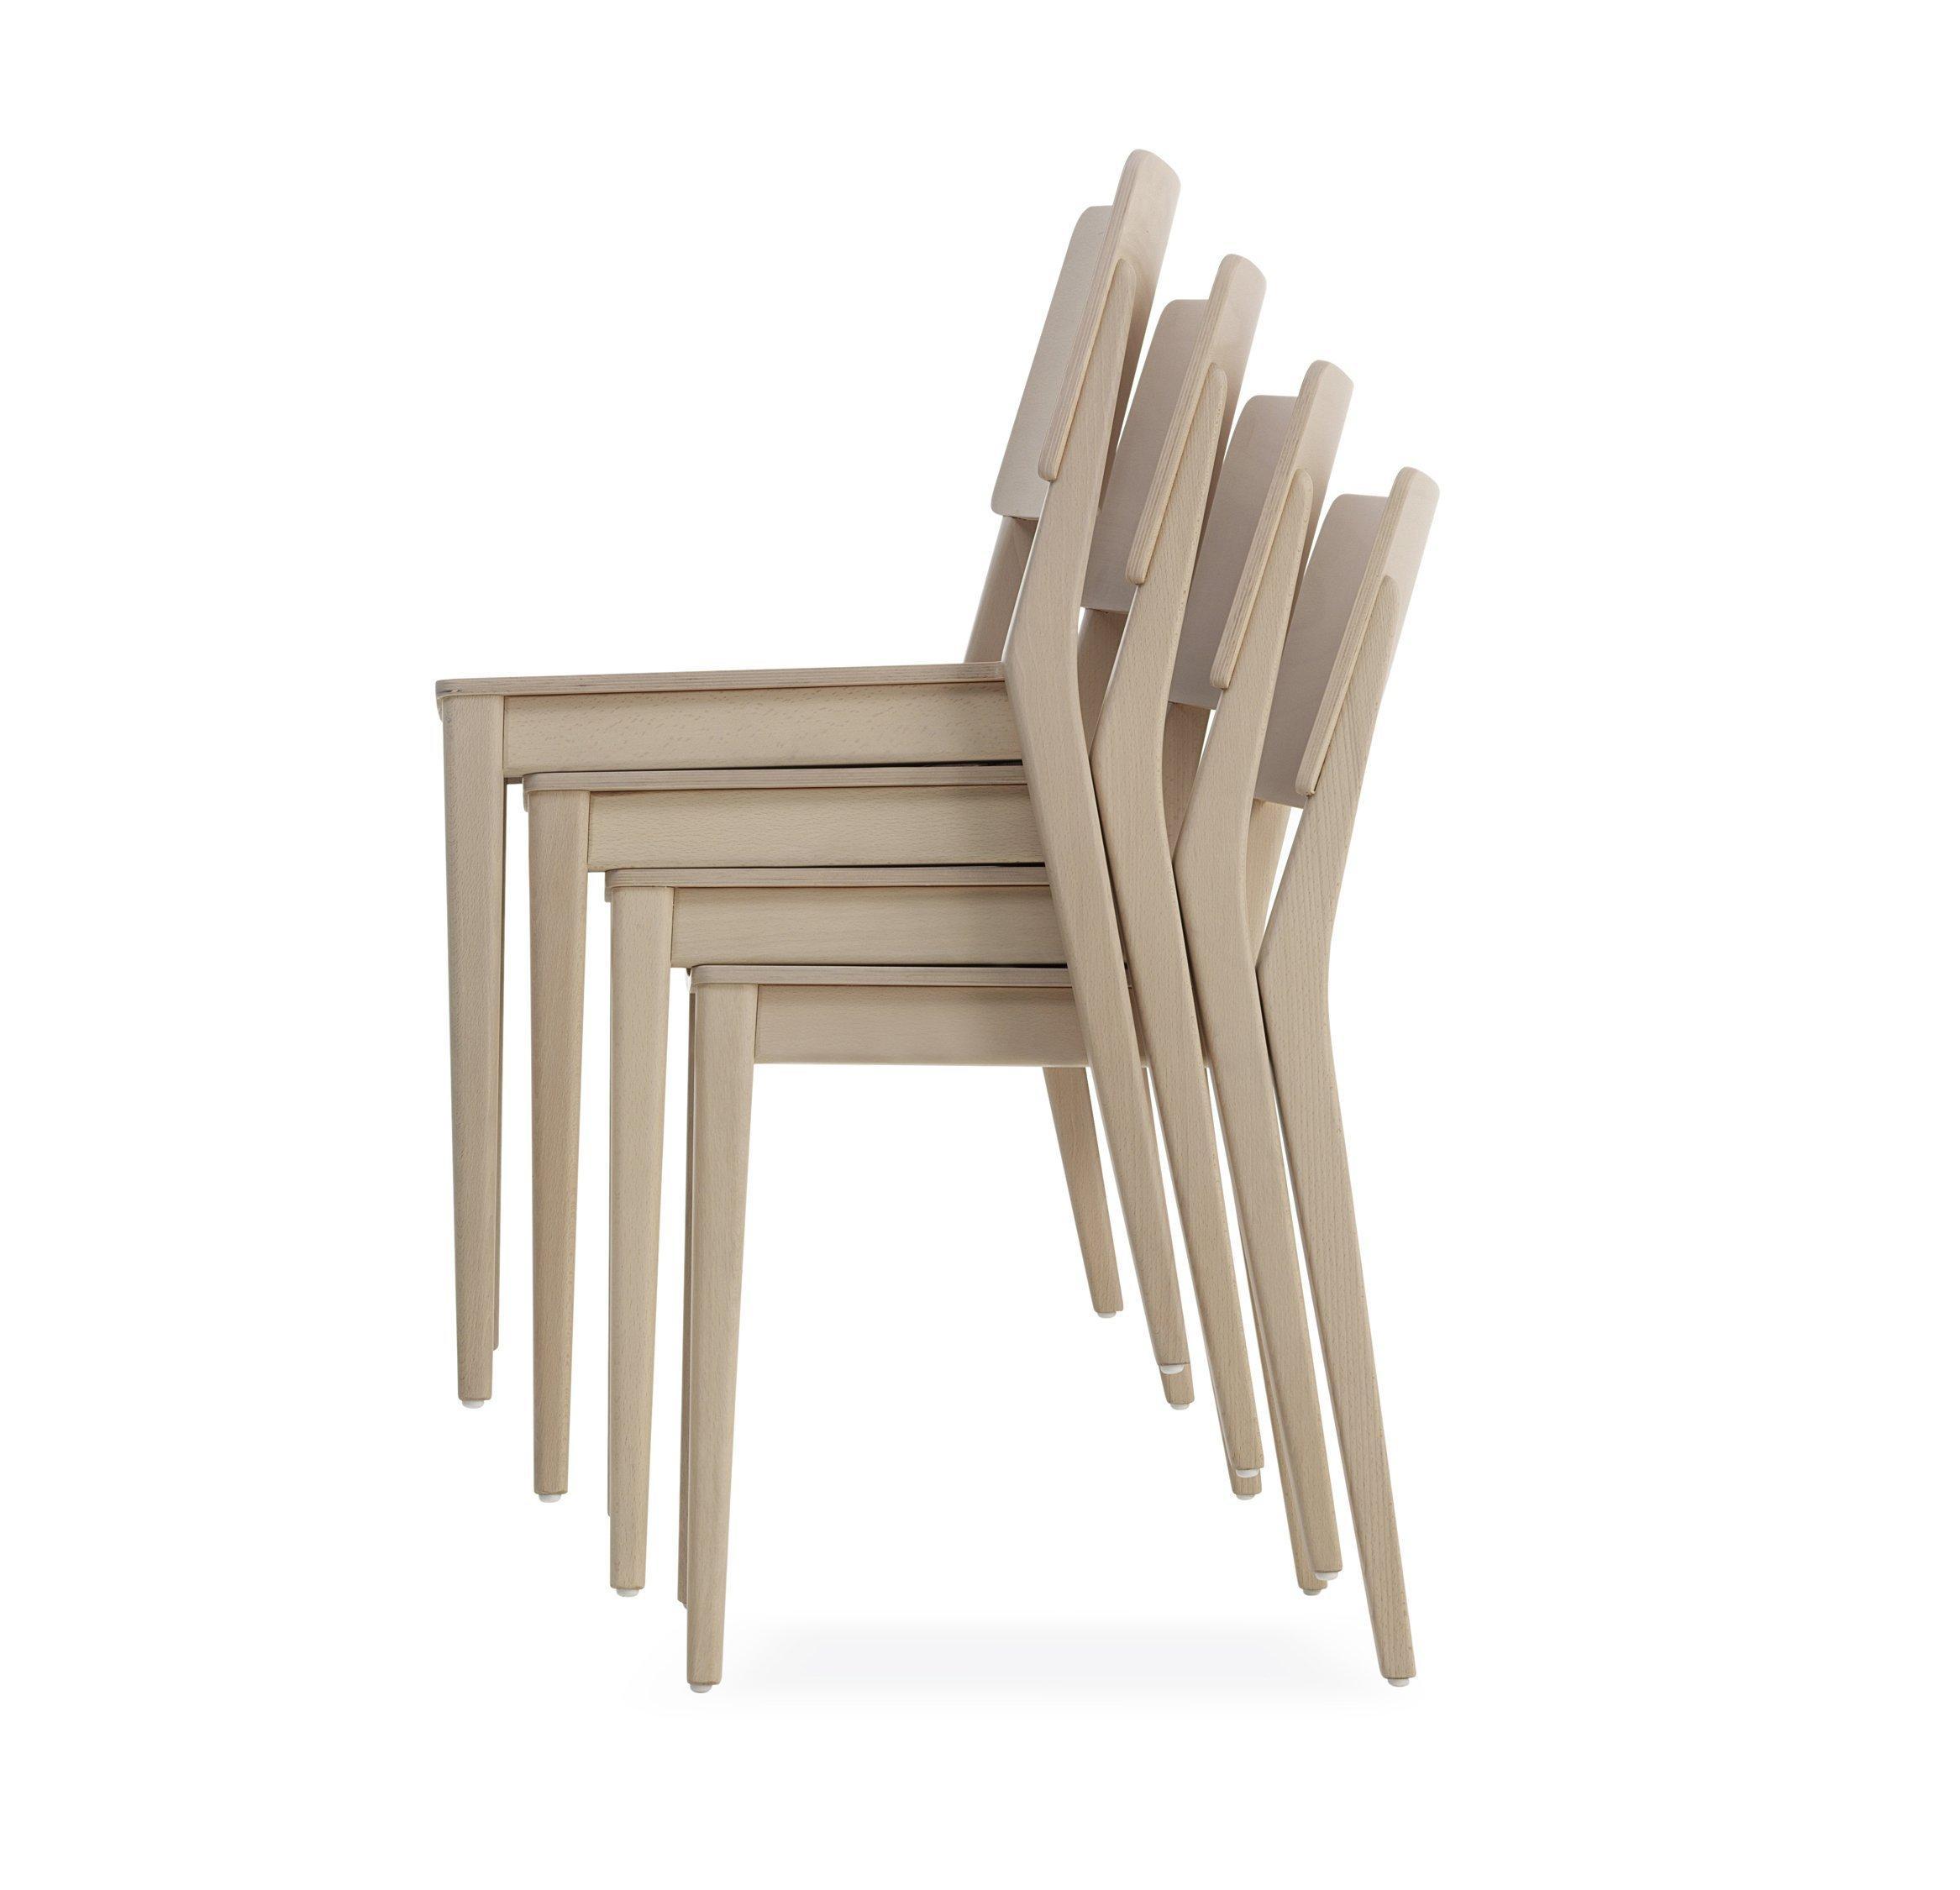 Sedie istruzioni per l acquisto cose di casa for Ikea sedie trasparenti